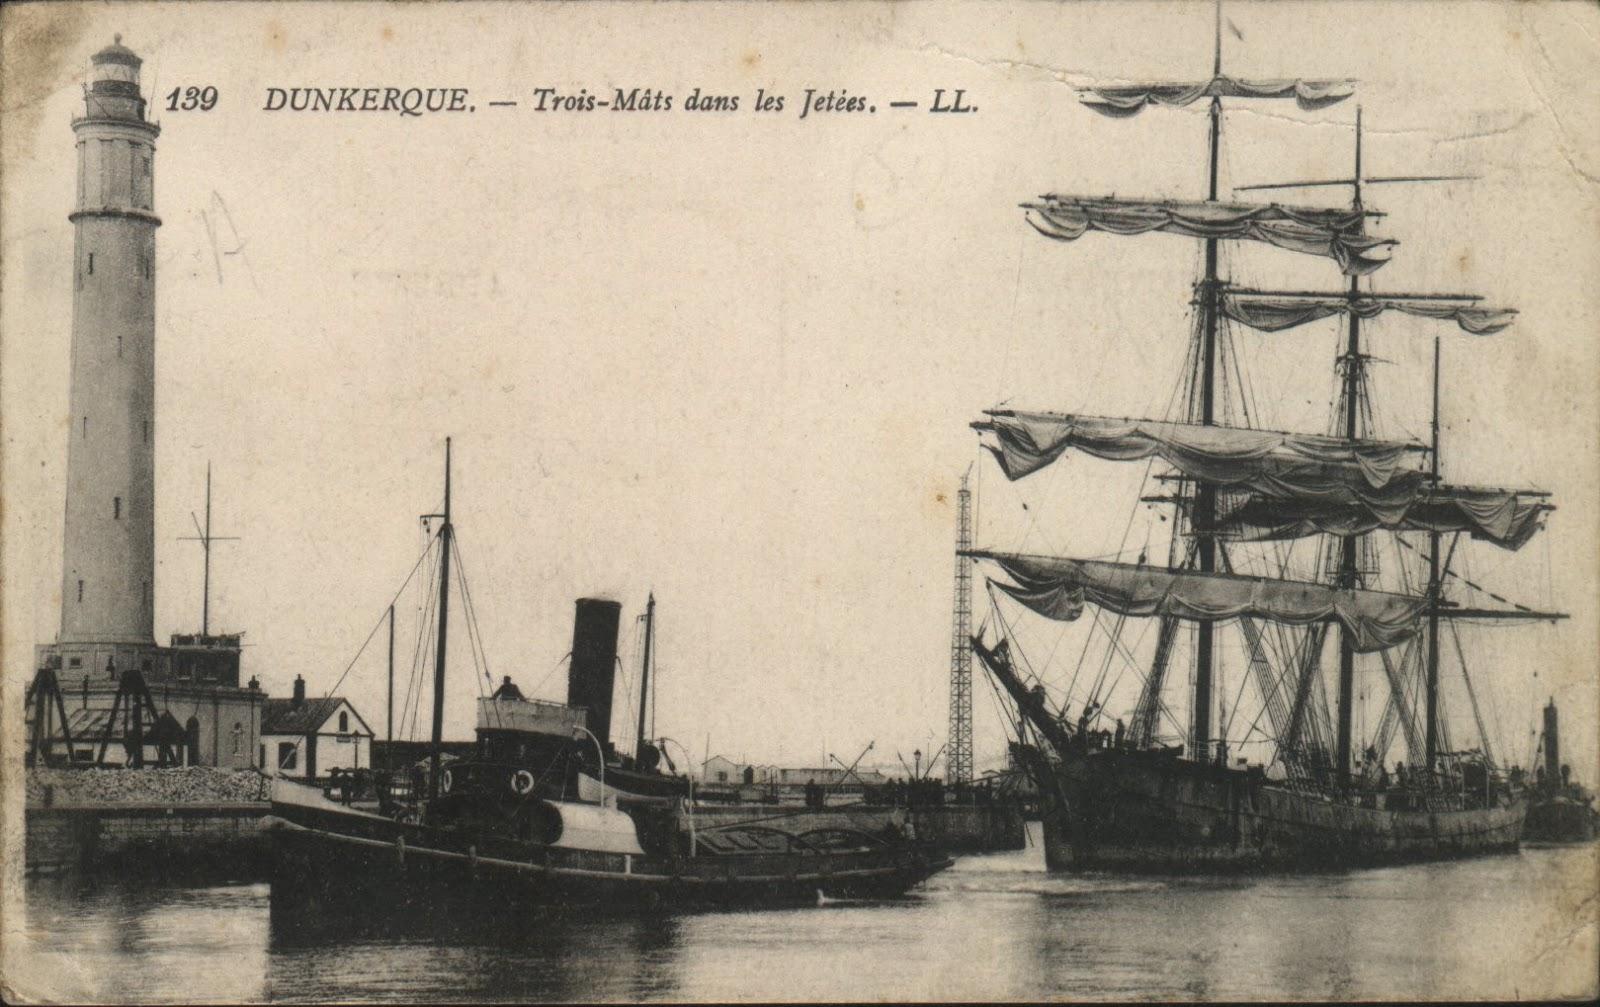 Dunkerque trois mats dans les jetees.jpg